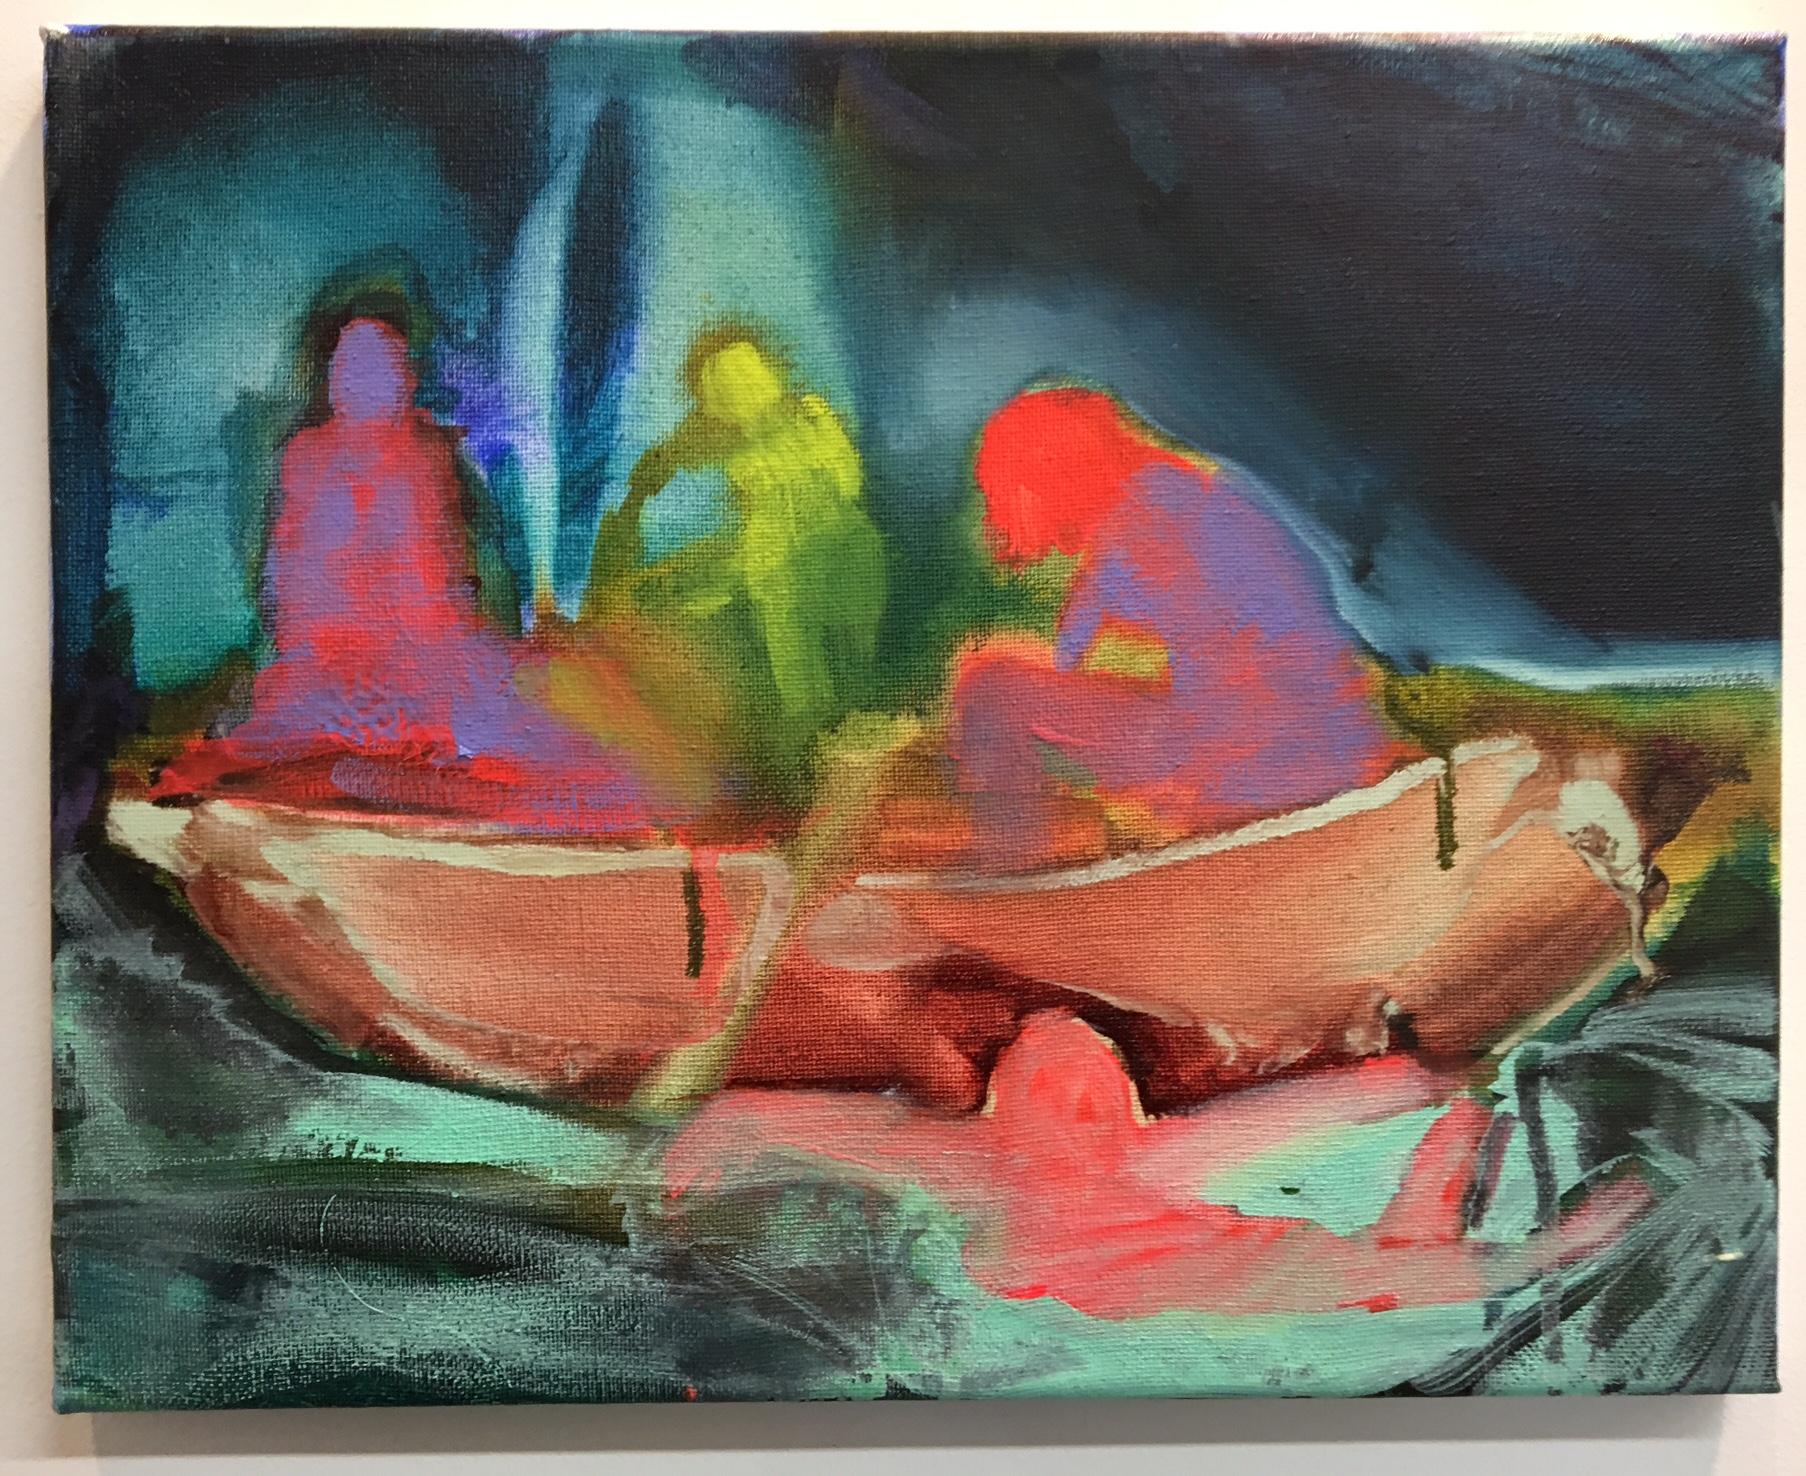 Elizabeth Glaessner, Boat ride, 2016